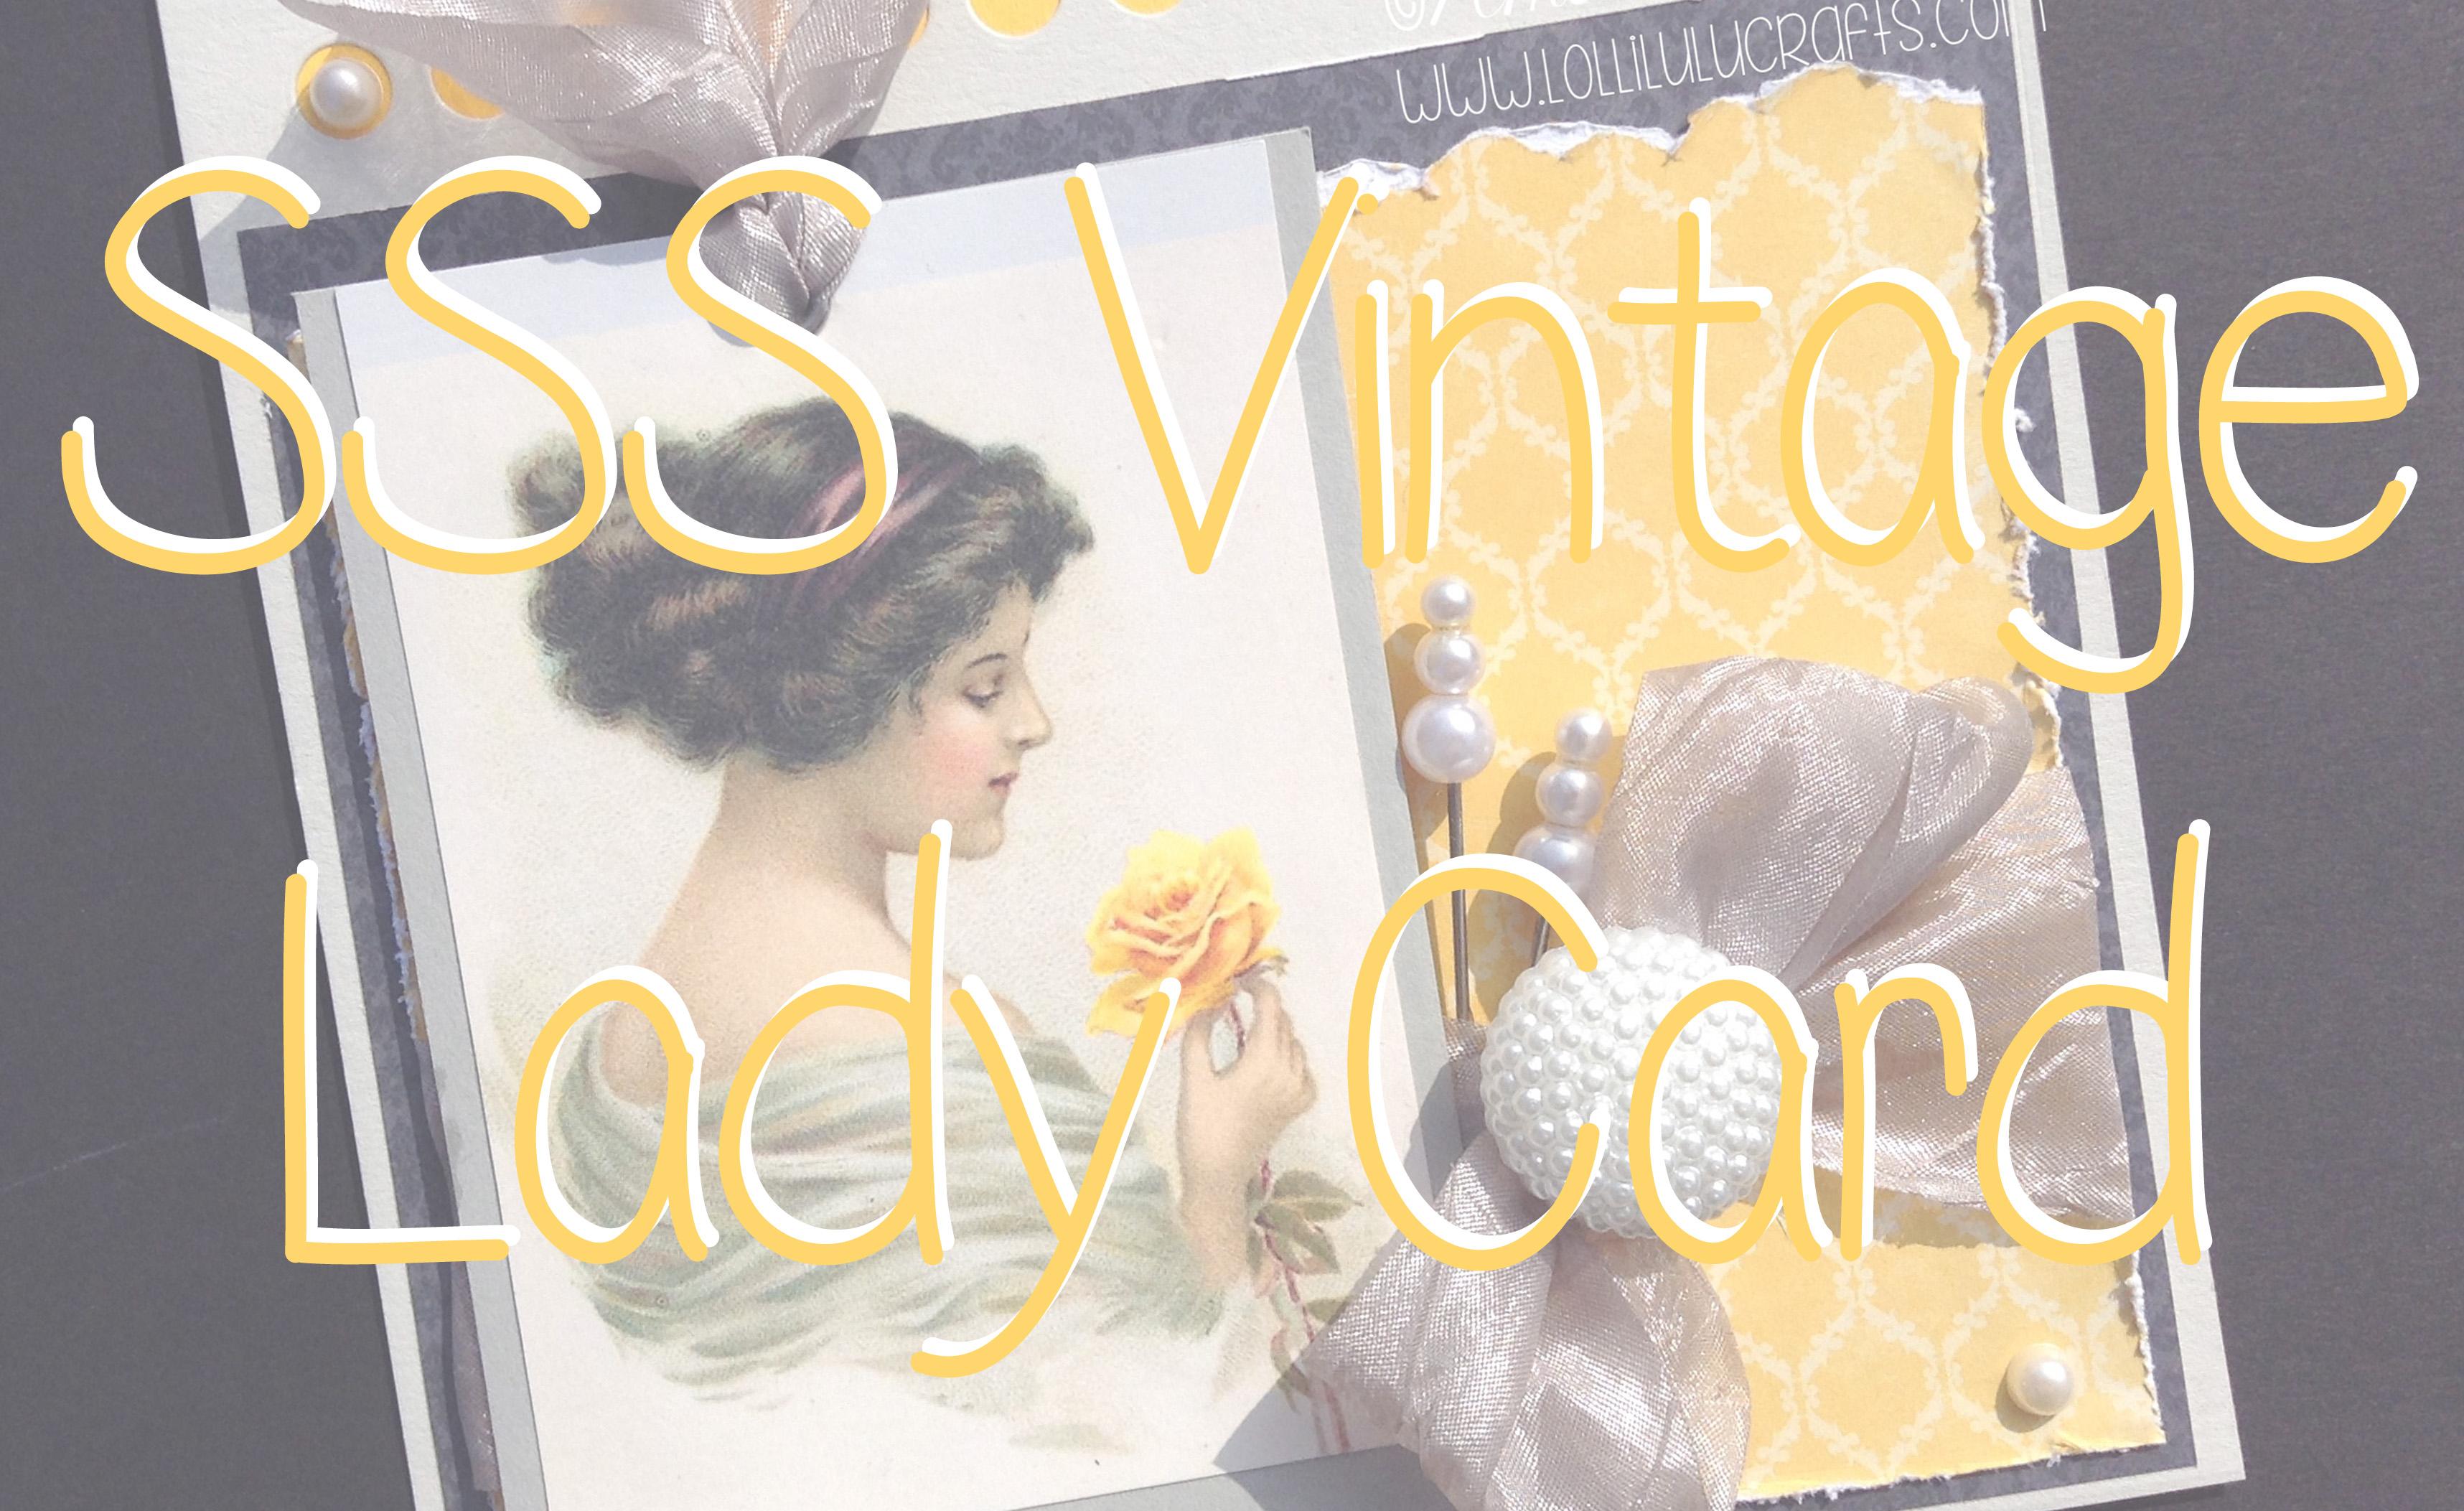 SSS Vintage Thumb